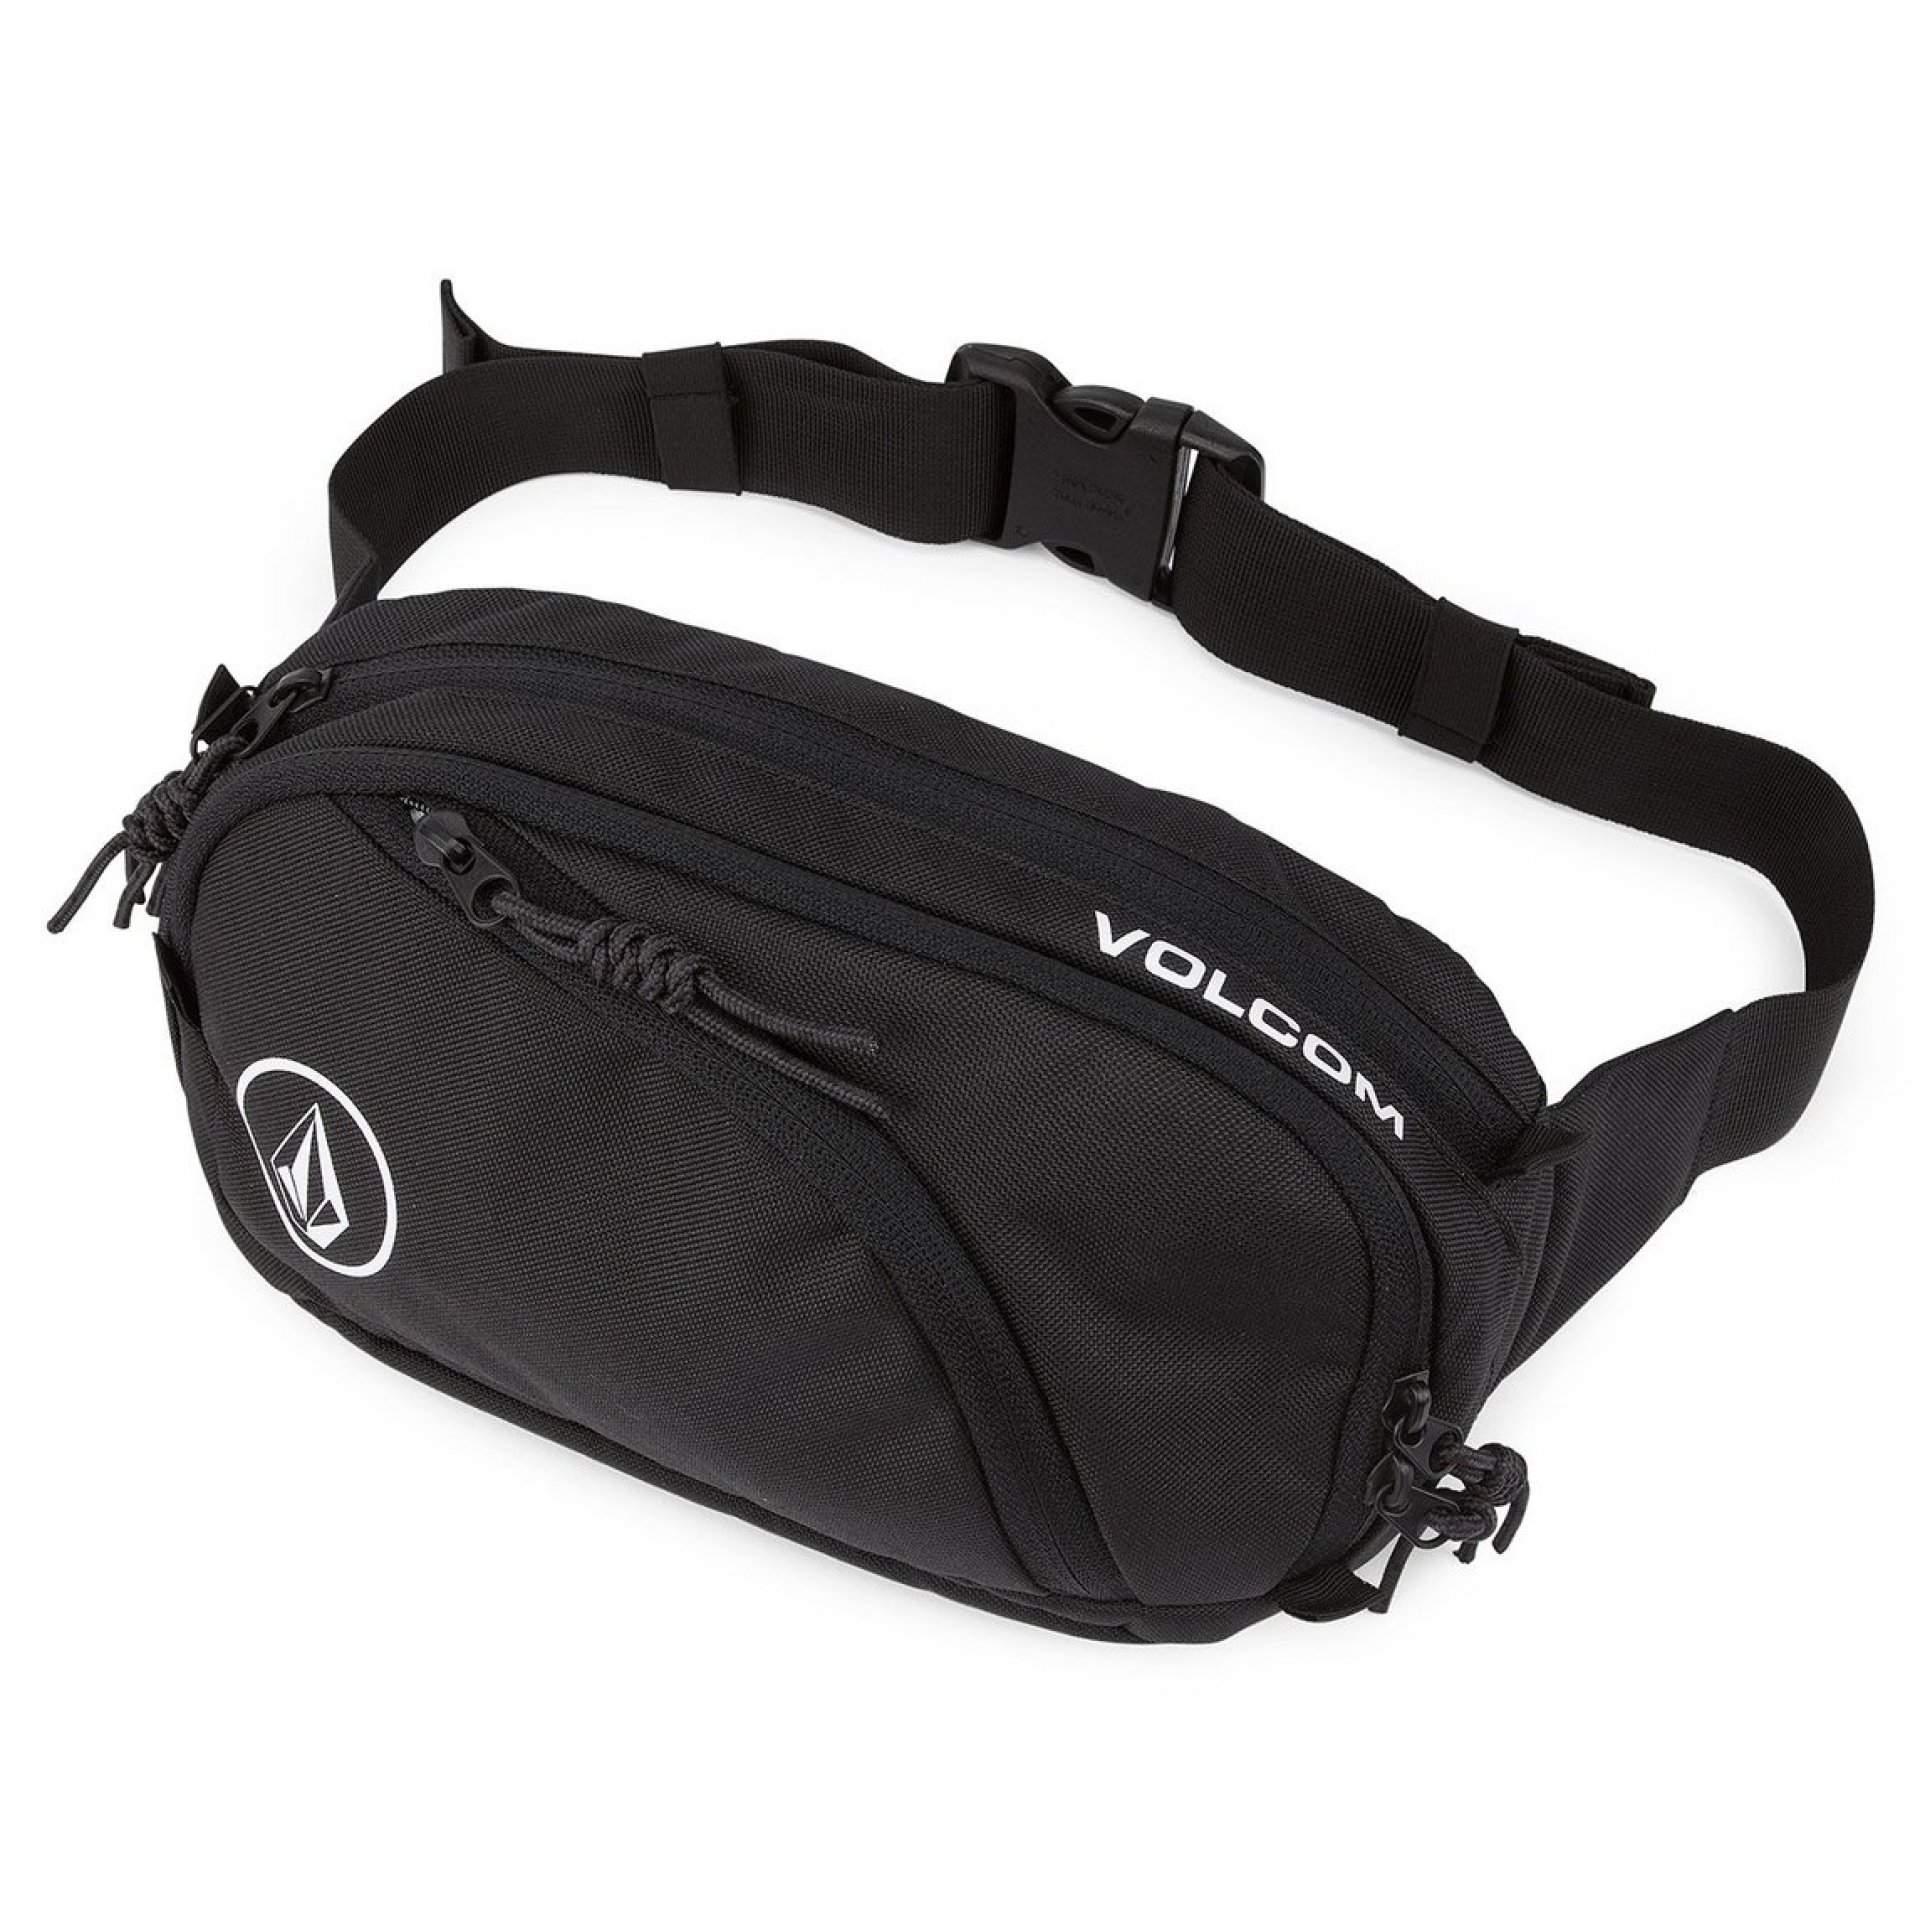 NERKA VOLCOM WAISTED PACK D6511650 BLACK